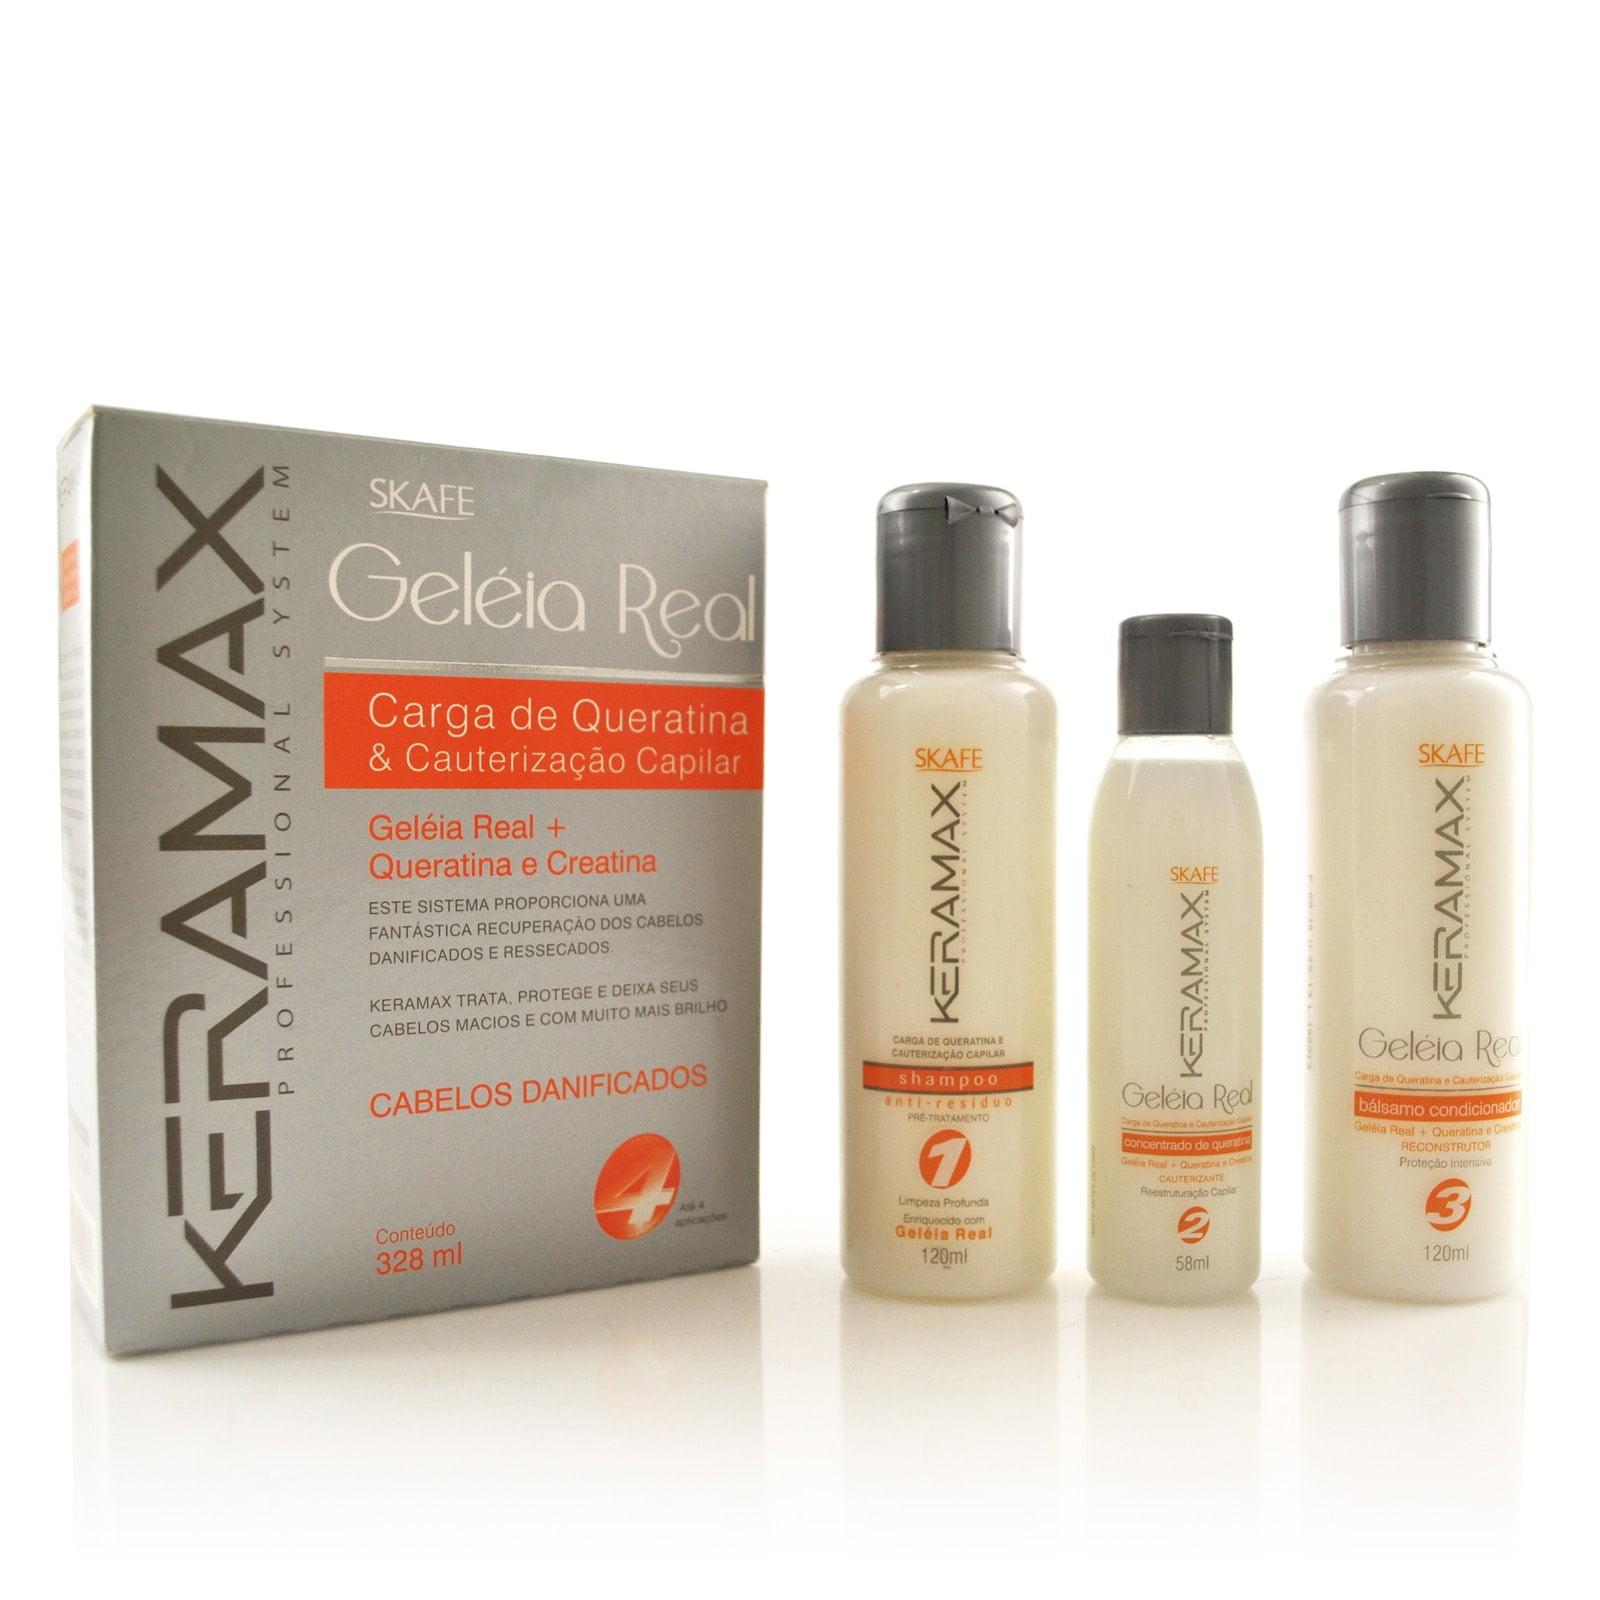 keramax geleia real carga de queratina e cauterização capilar